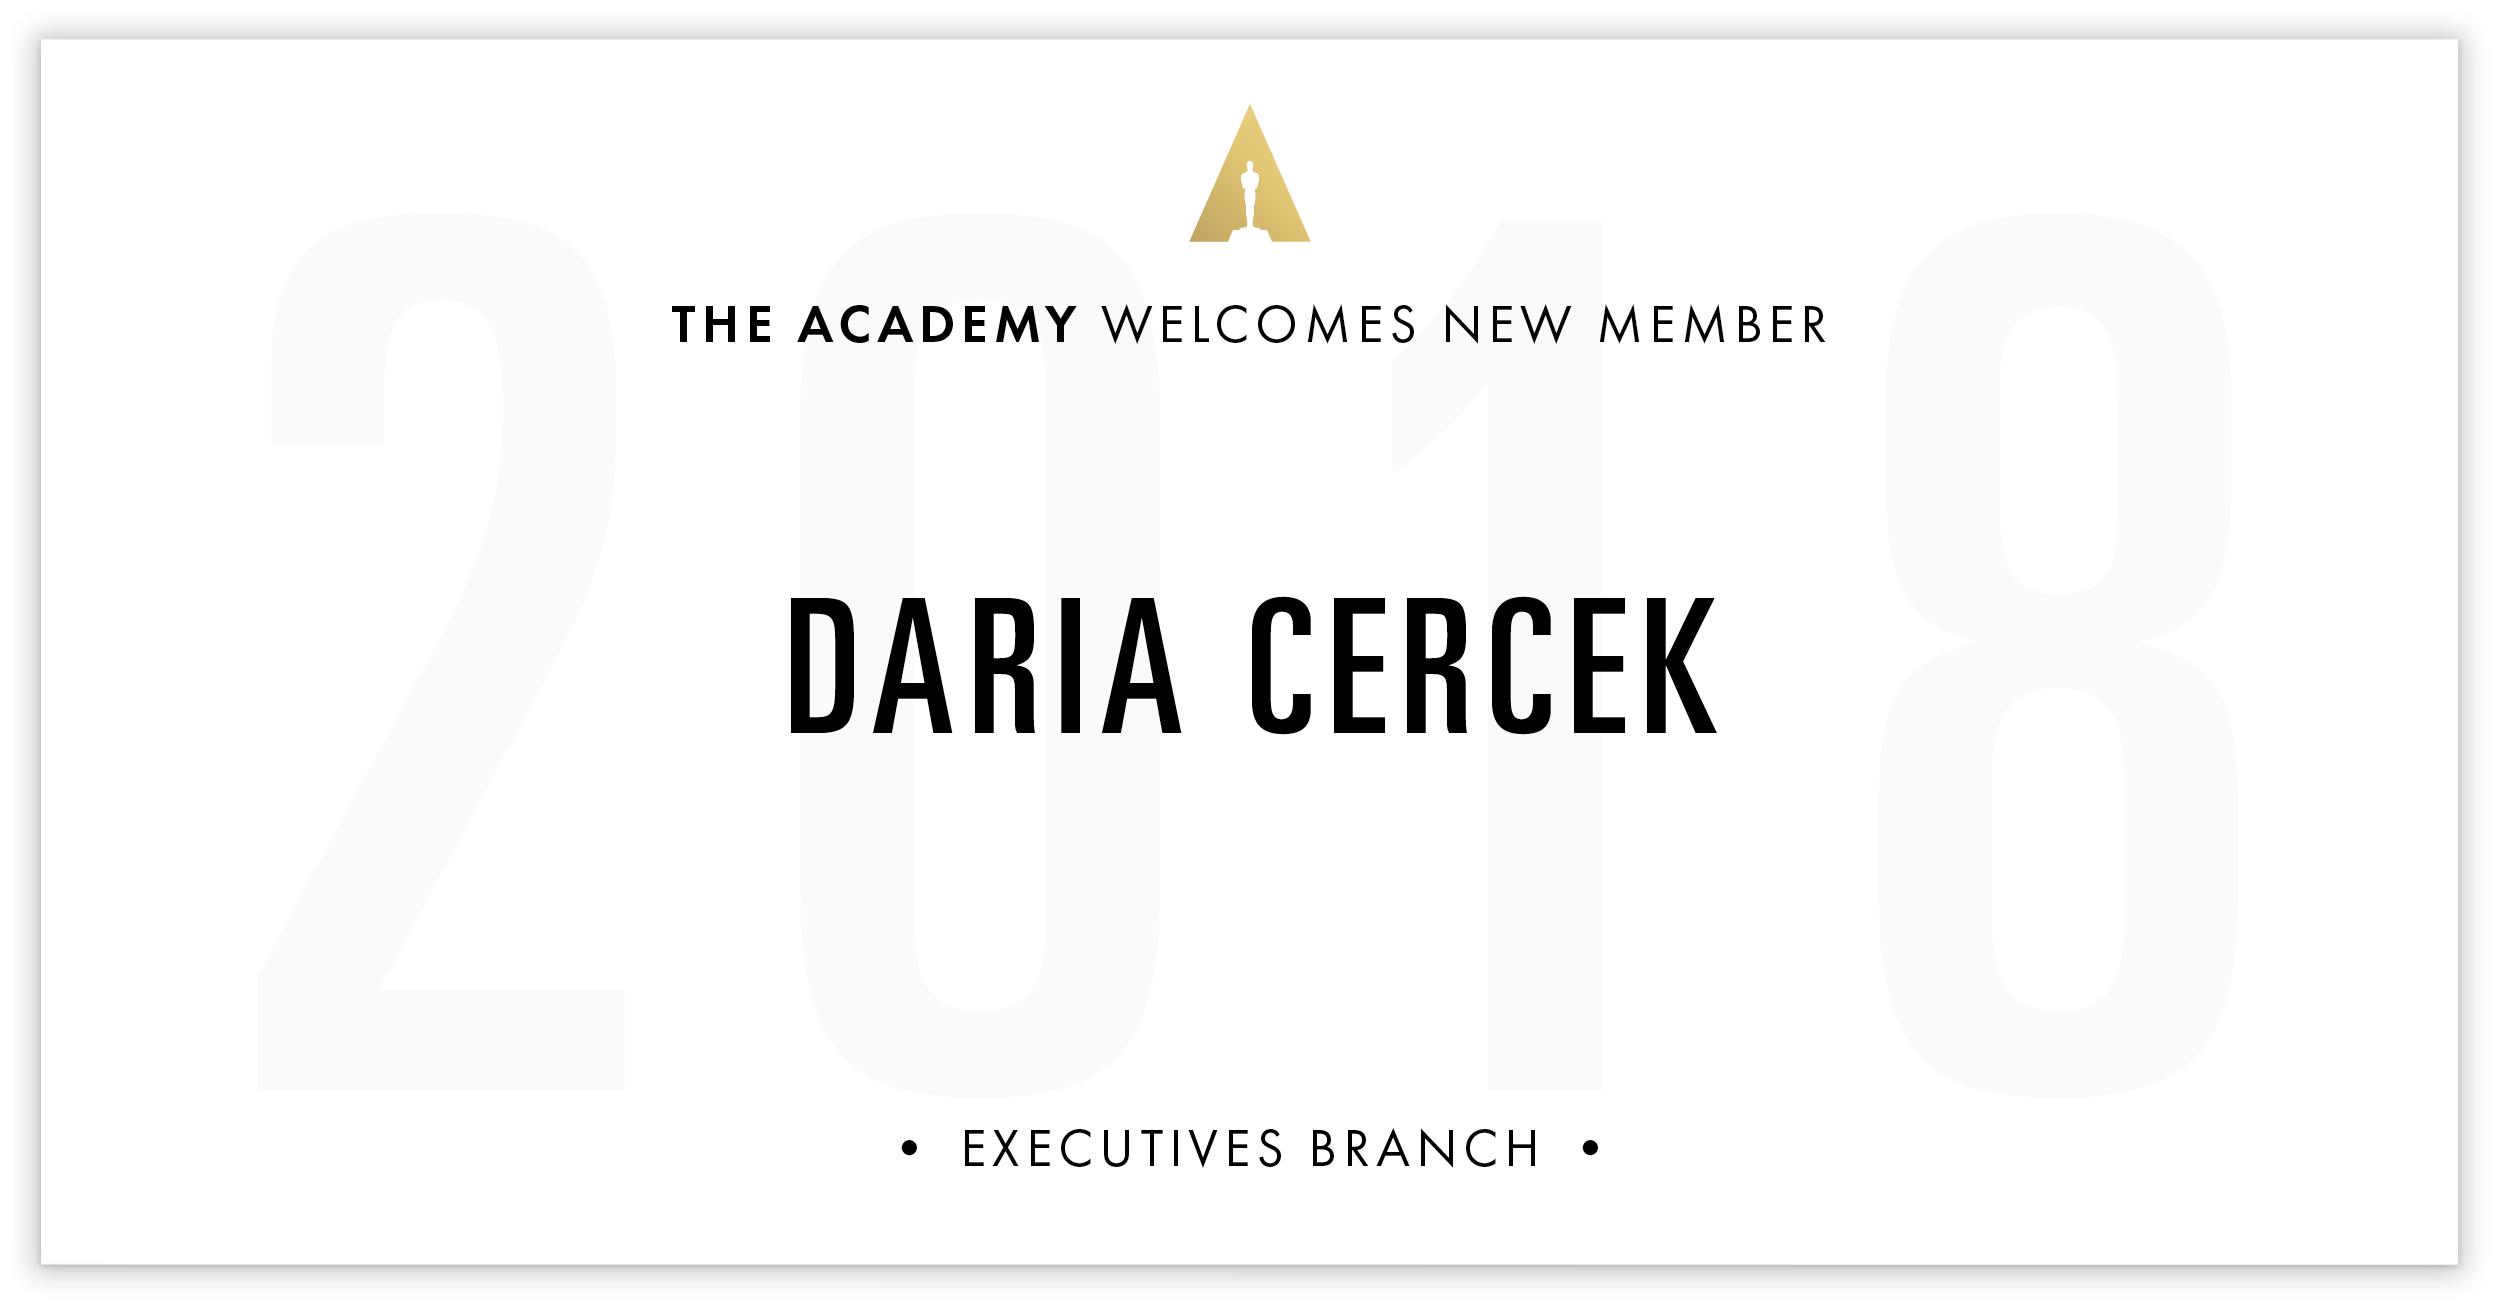 Daria Cercek is invited!